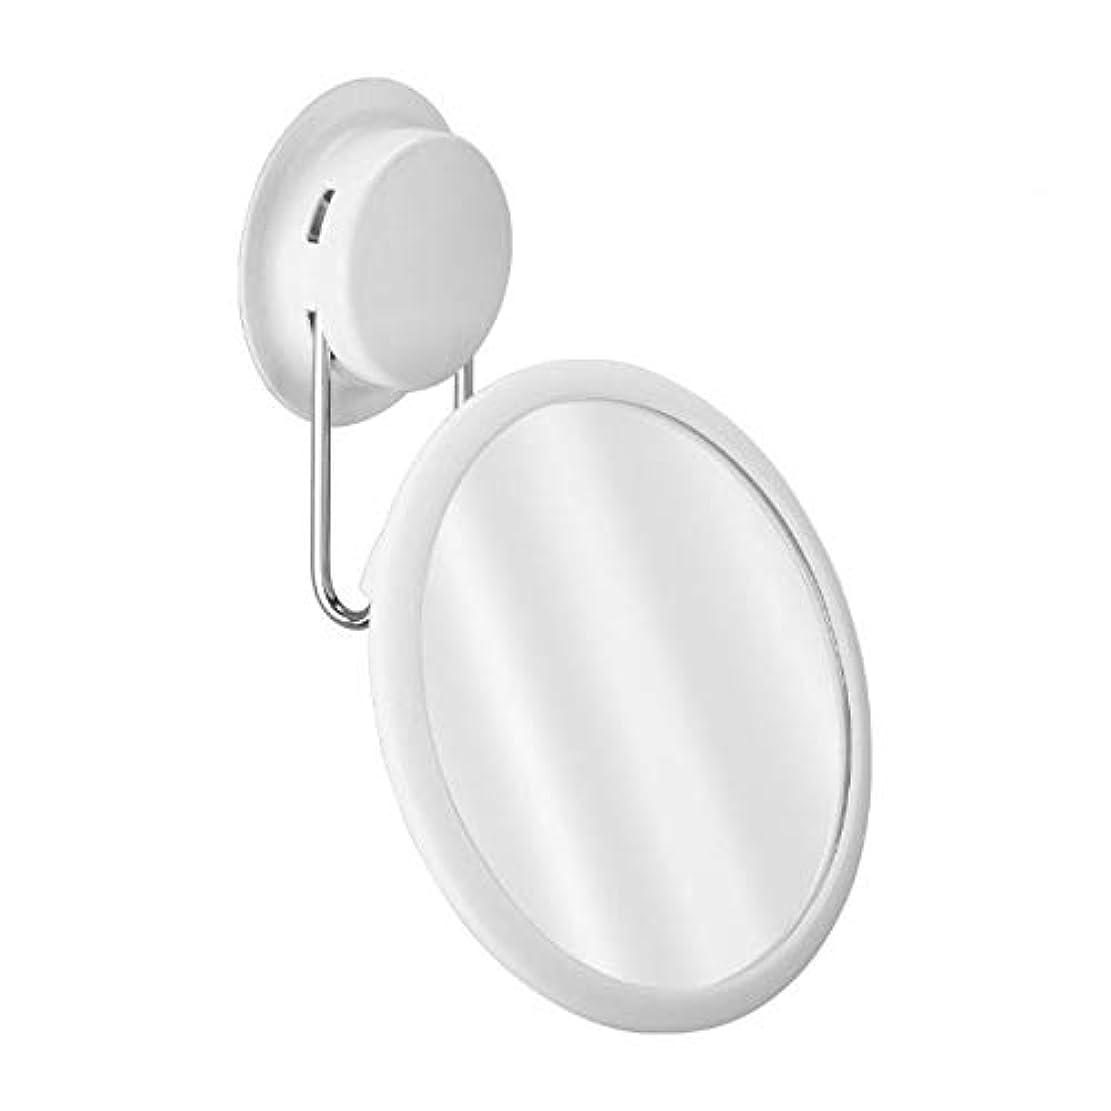 ユニークな否定する力強い化粧鏡、強力な吸盤ラック無料パンチ浴室洗面化粧台ミラー化粧ギフト